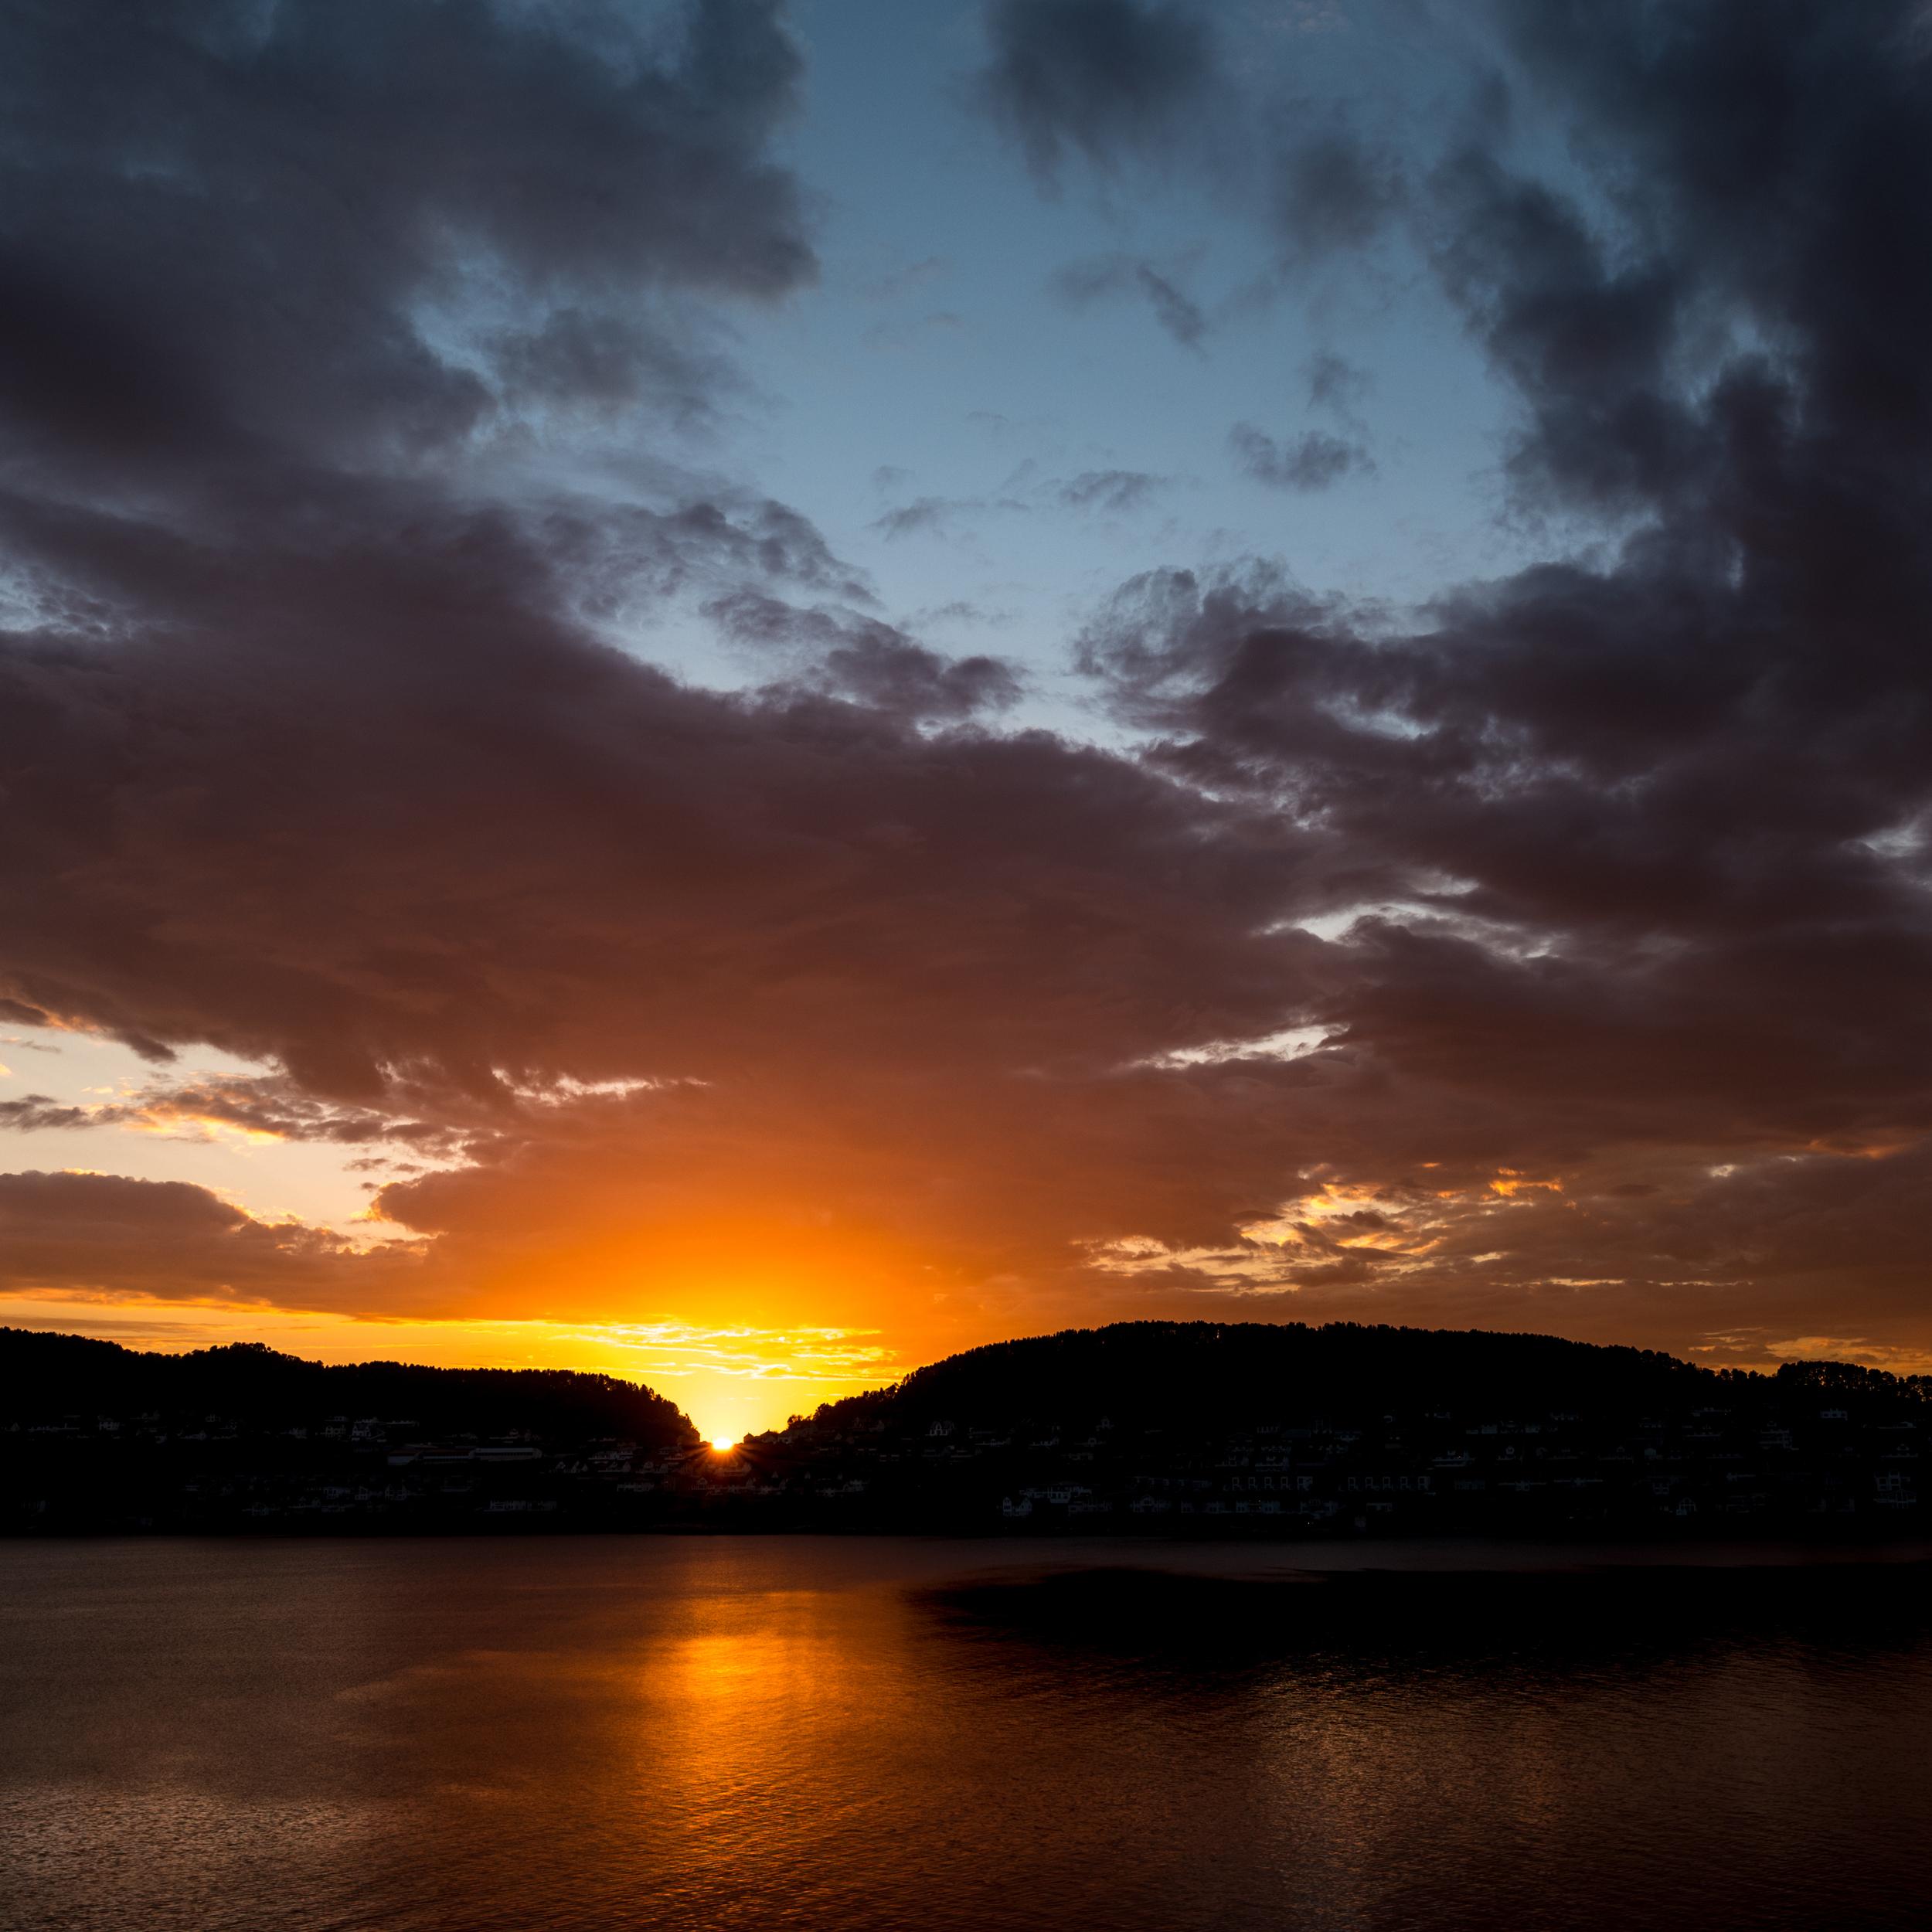 Midnight sun over Norway